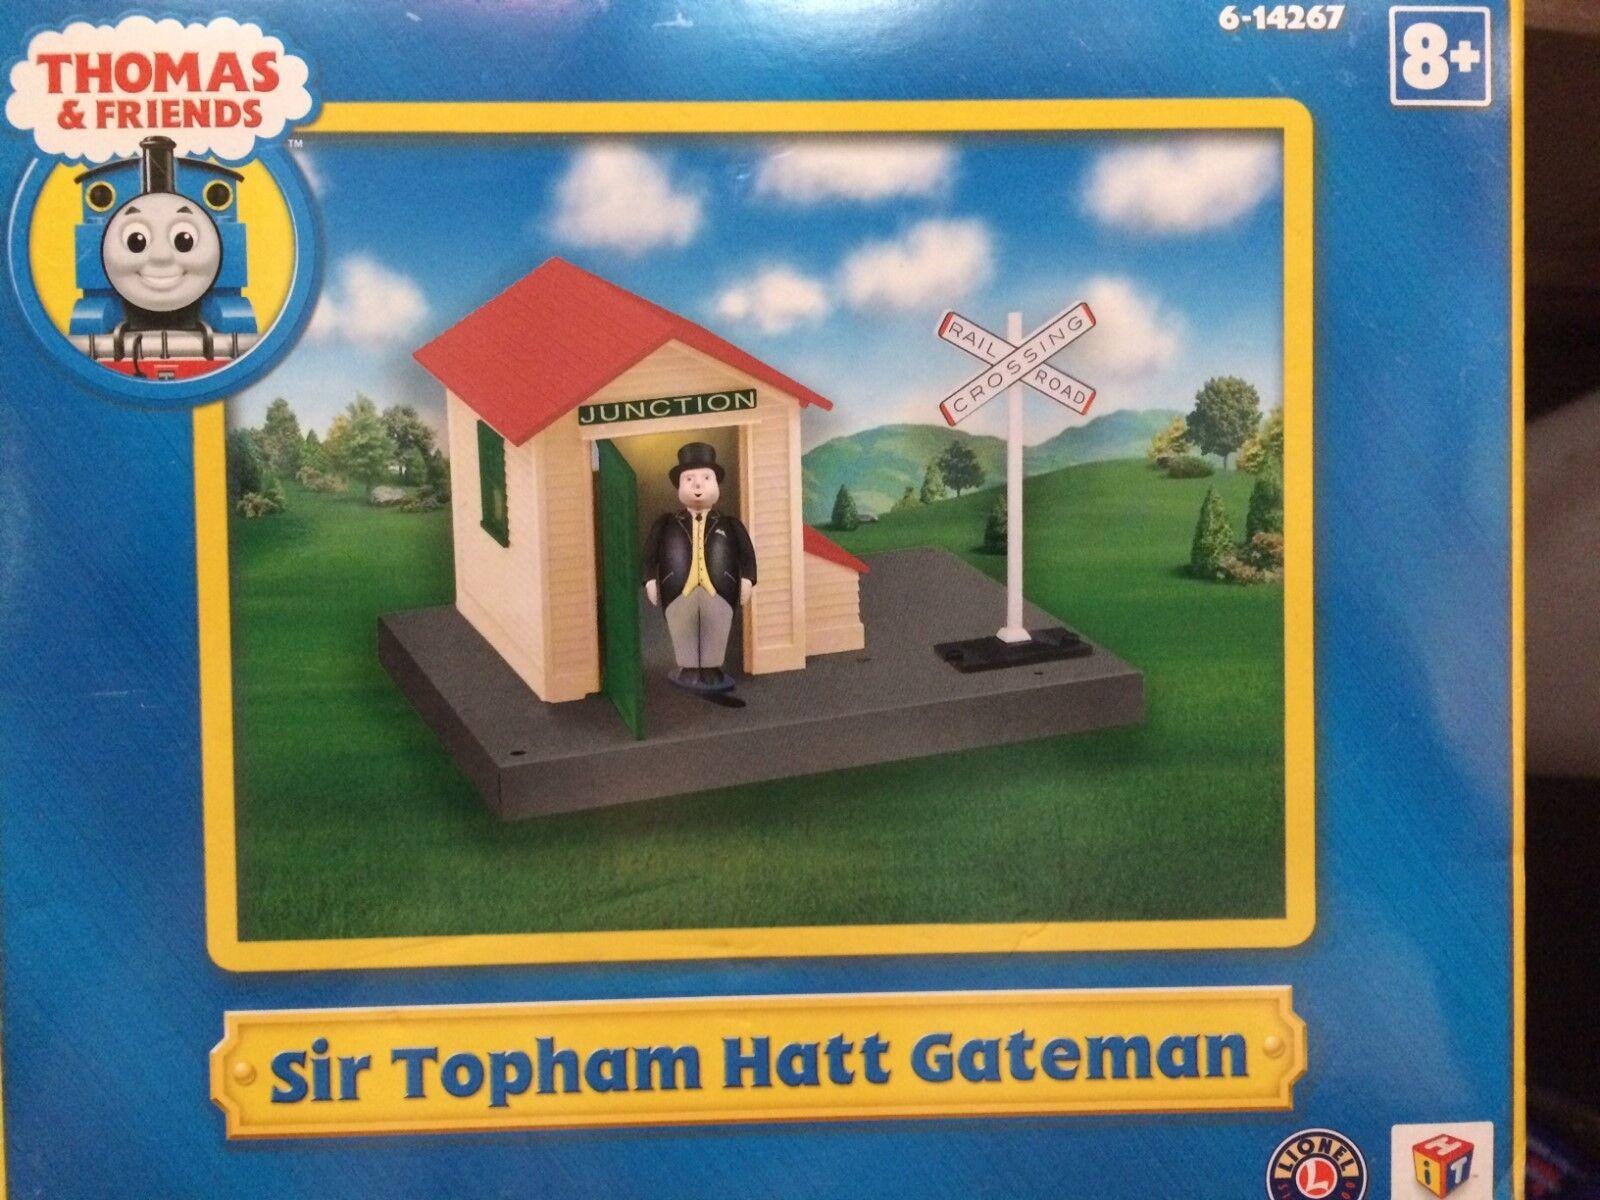 ahorrar en el despacho Lionel 14267 Sir Topham Hatt Gateman Gateman Gateman Nuevo en Caja   alto descuento